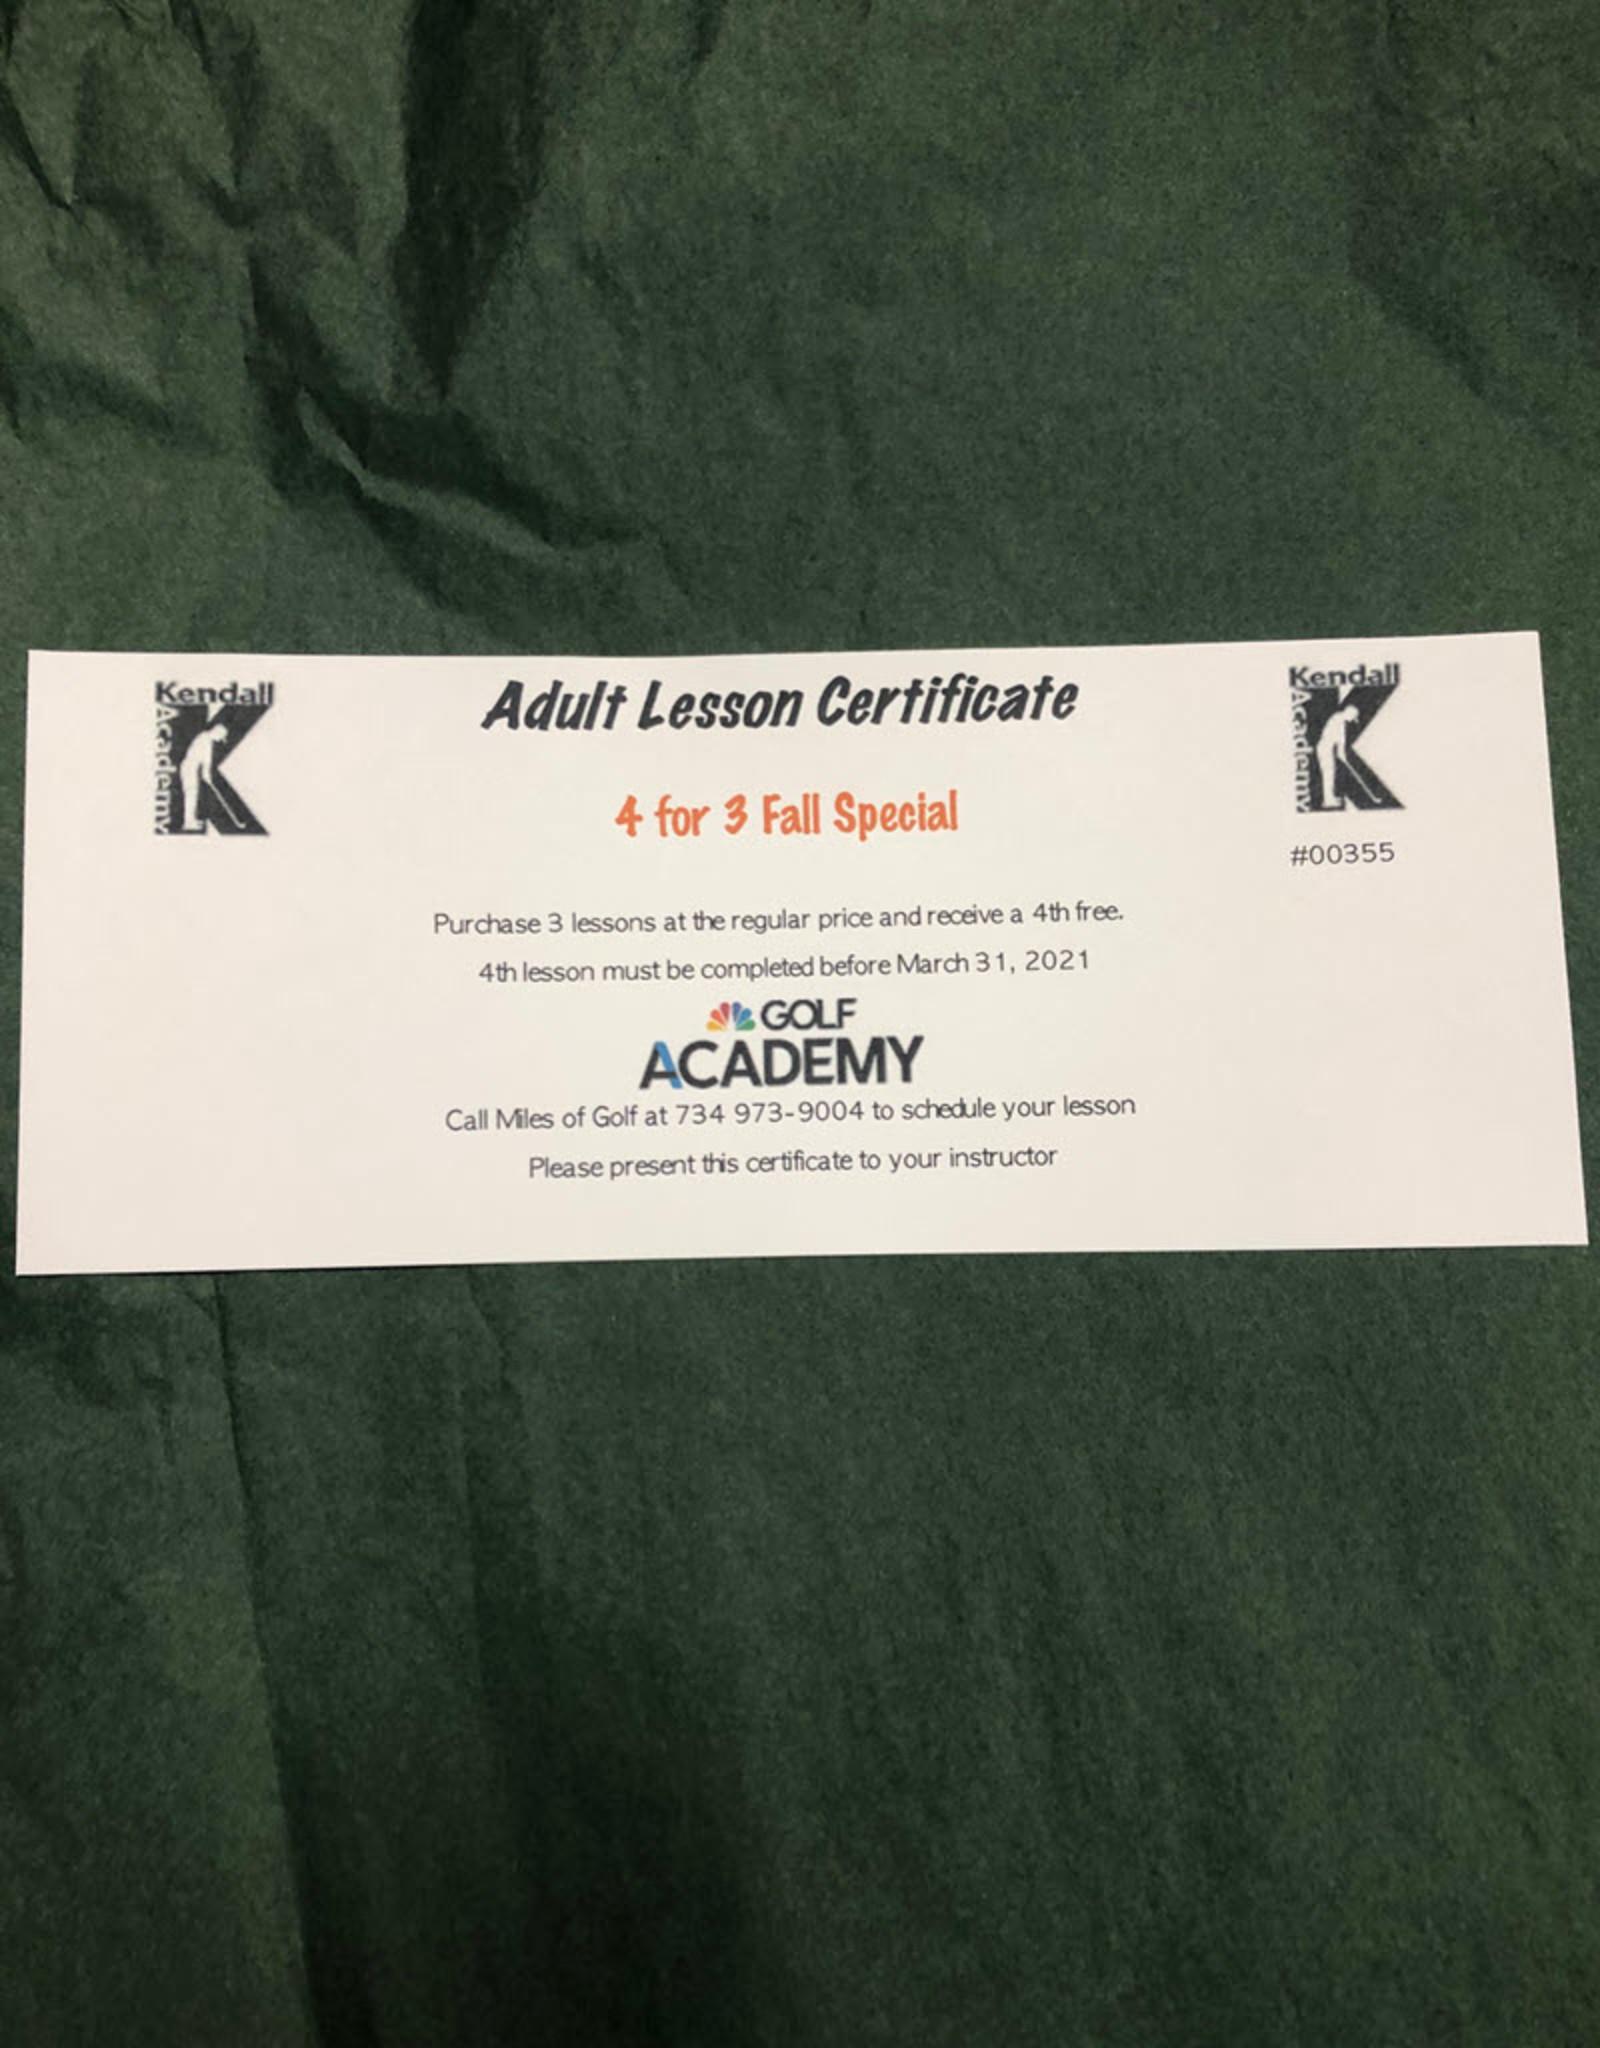 KA - SERIES 4/3 W/ KENDALL ADULT